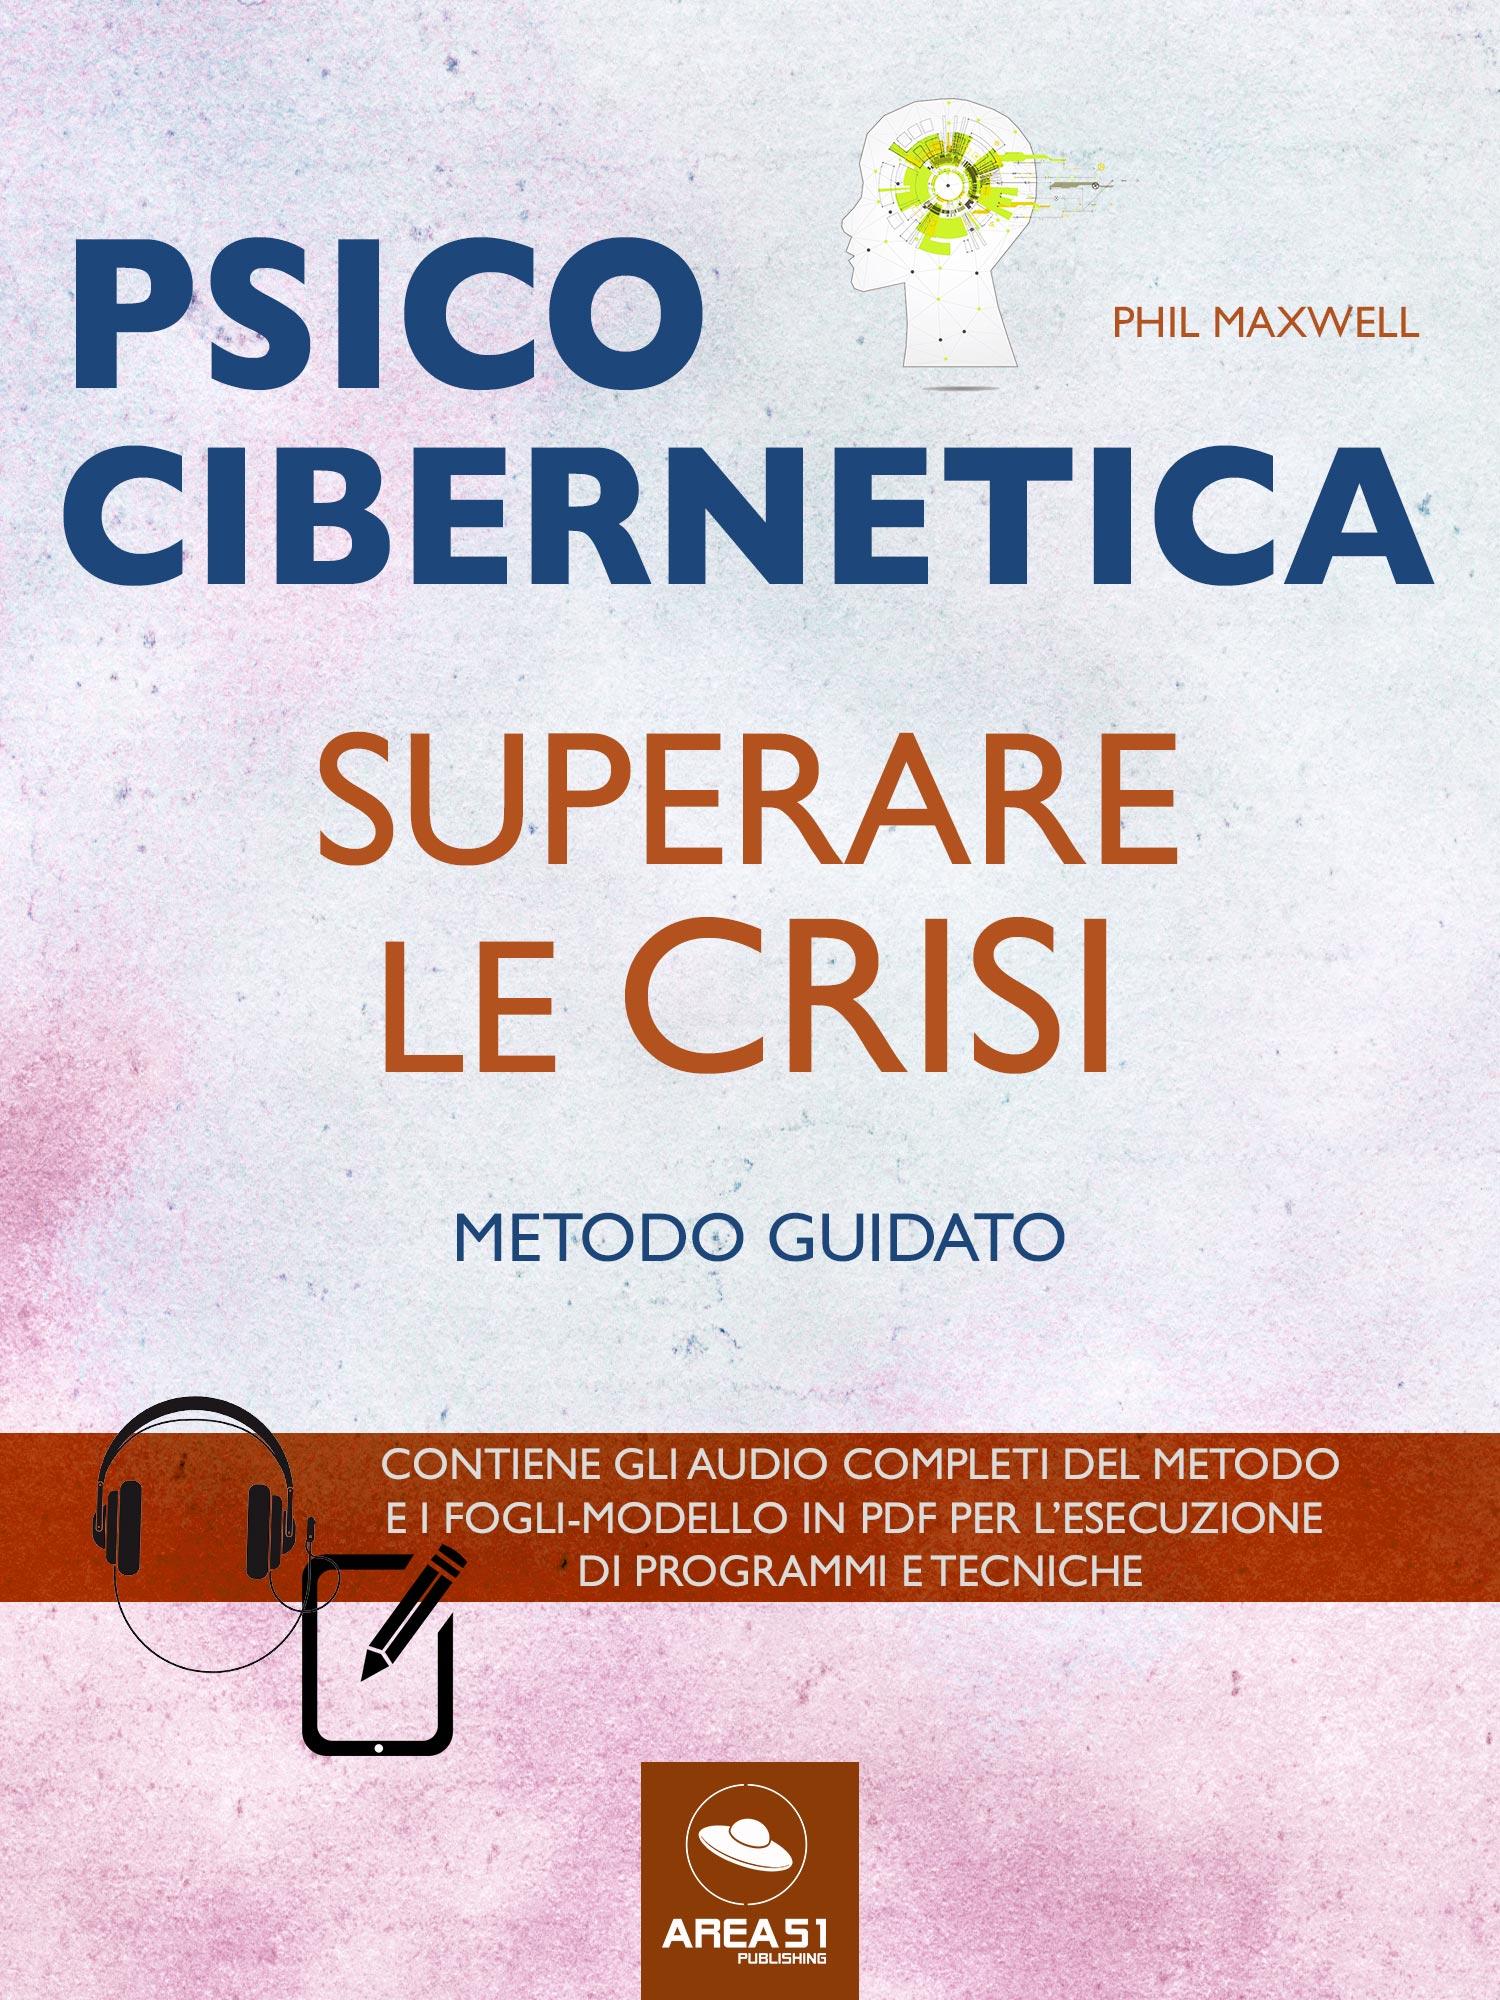 Psicocibernetica. Superare le crisi-0